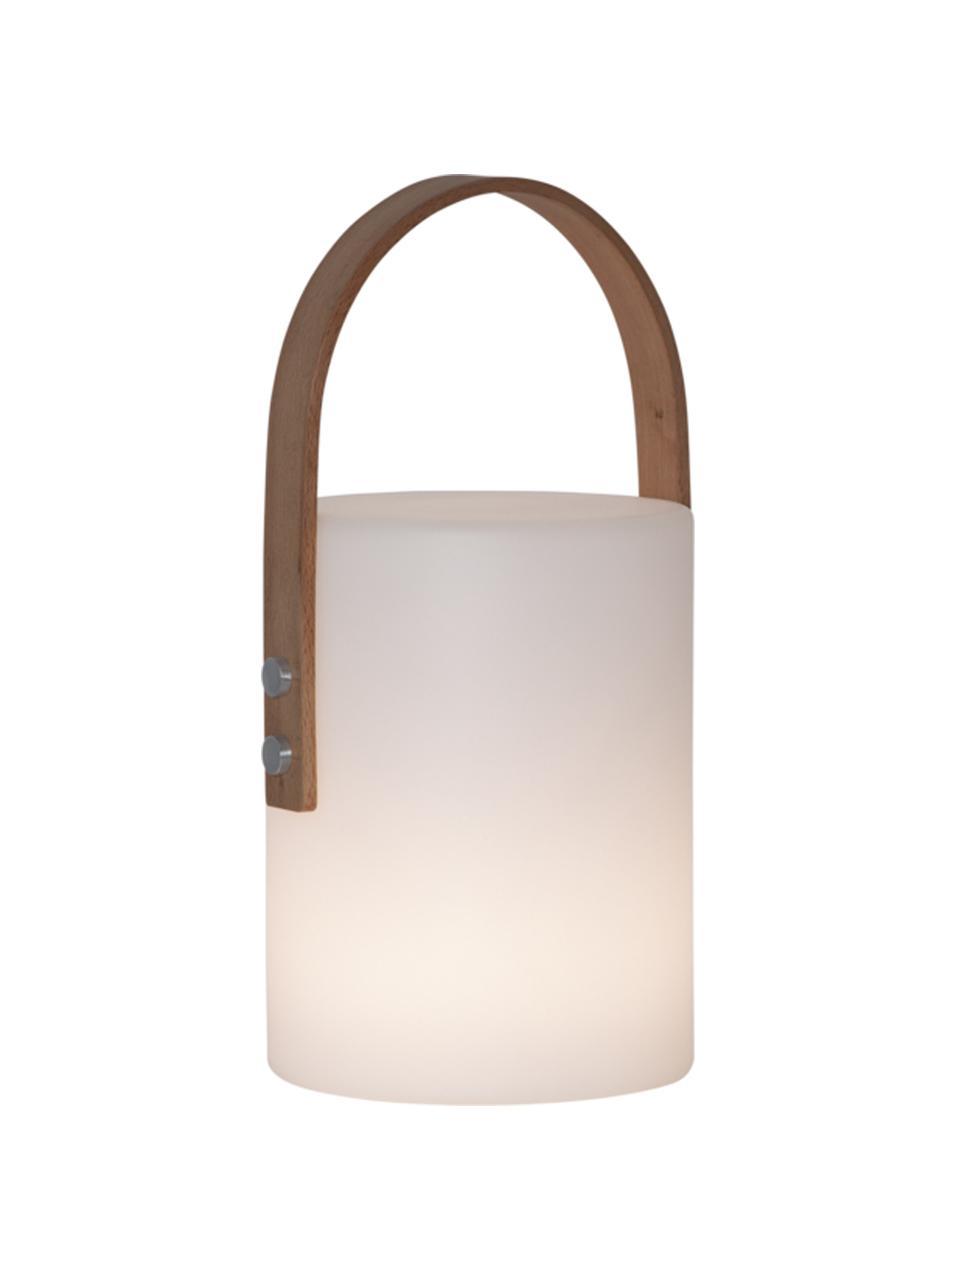 Mobile Dimmbare Außentischlampe Lucie, Lampenschirm: Kunststoff, Griff: Holz, Dekor: Metall, Weiß, Holz, 19 x 34 cm